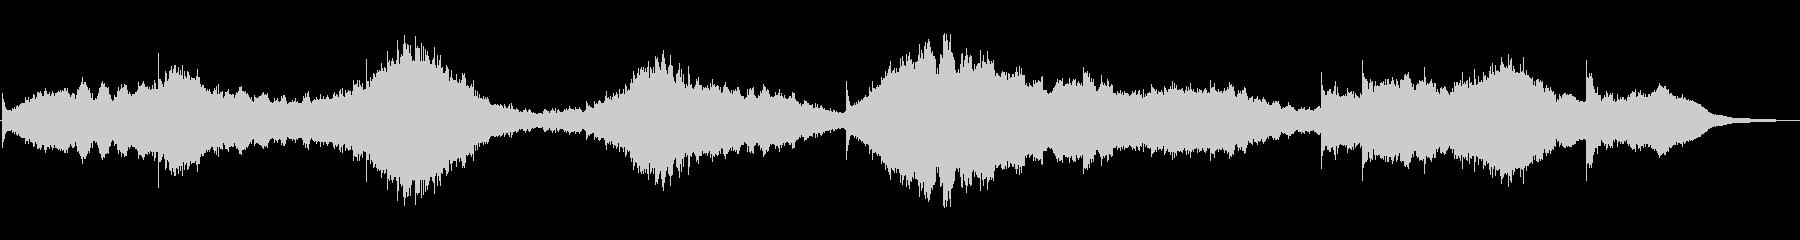 エスノムード満載アンビエントなベル音楽の未再生の波形